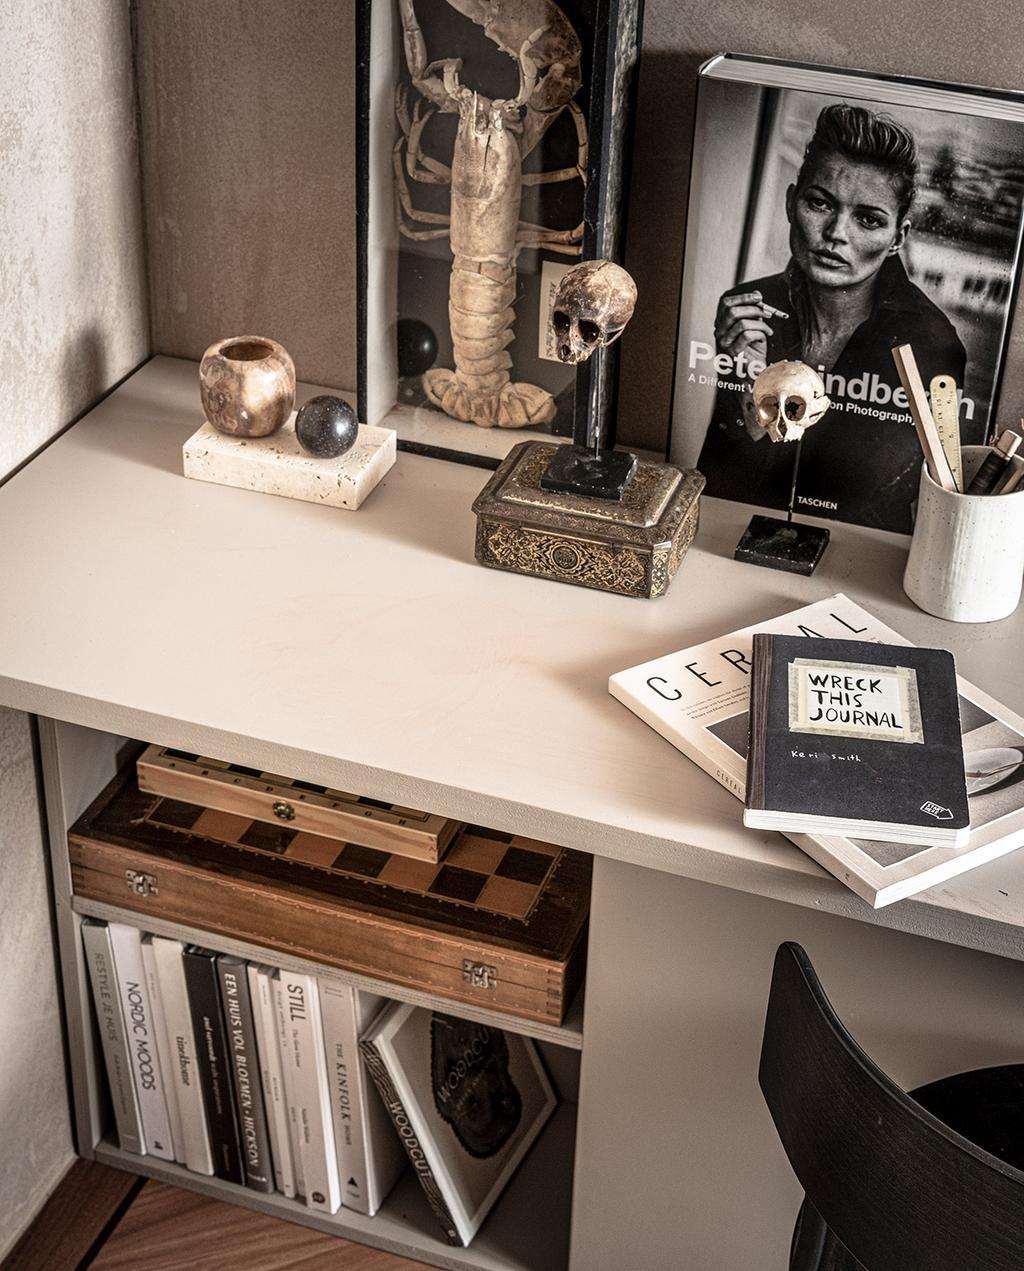 vtwonen 02-2021 | DIY bureau met boeken in opbergruimte, en antieke souvenirs